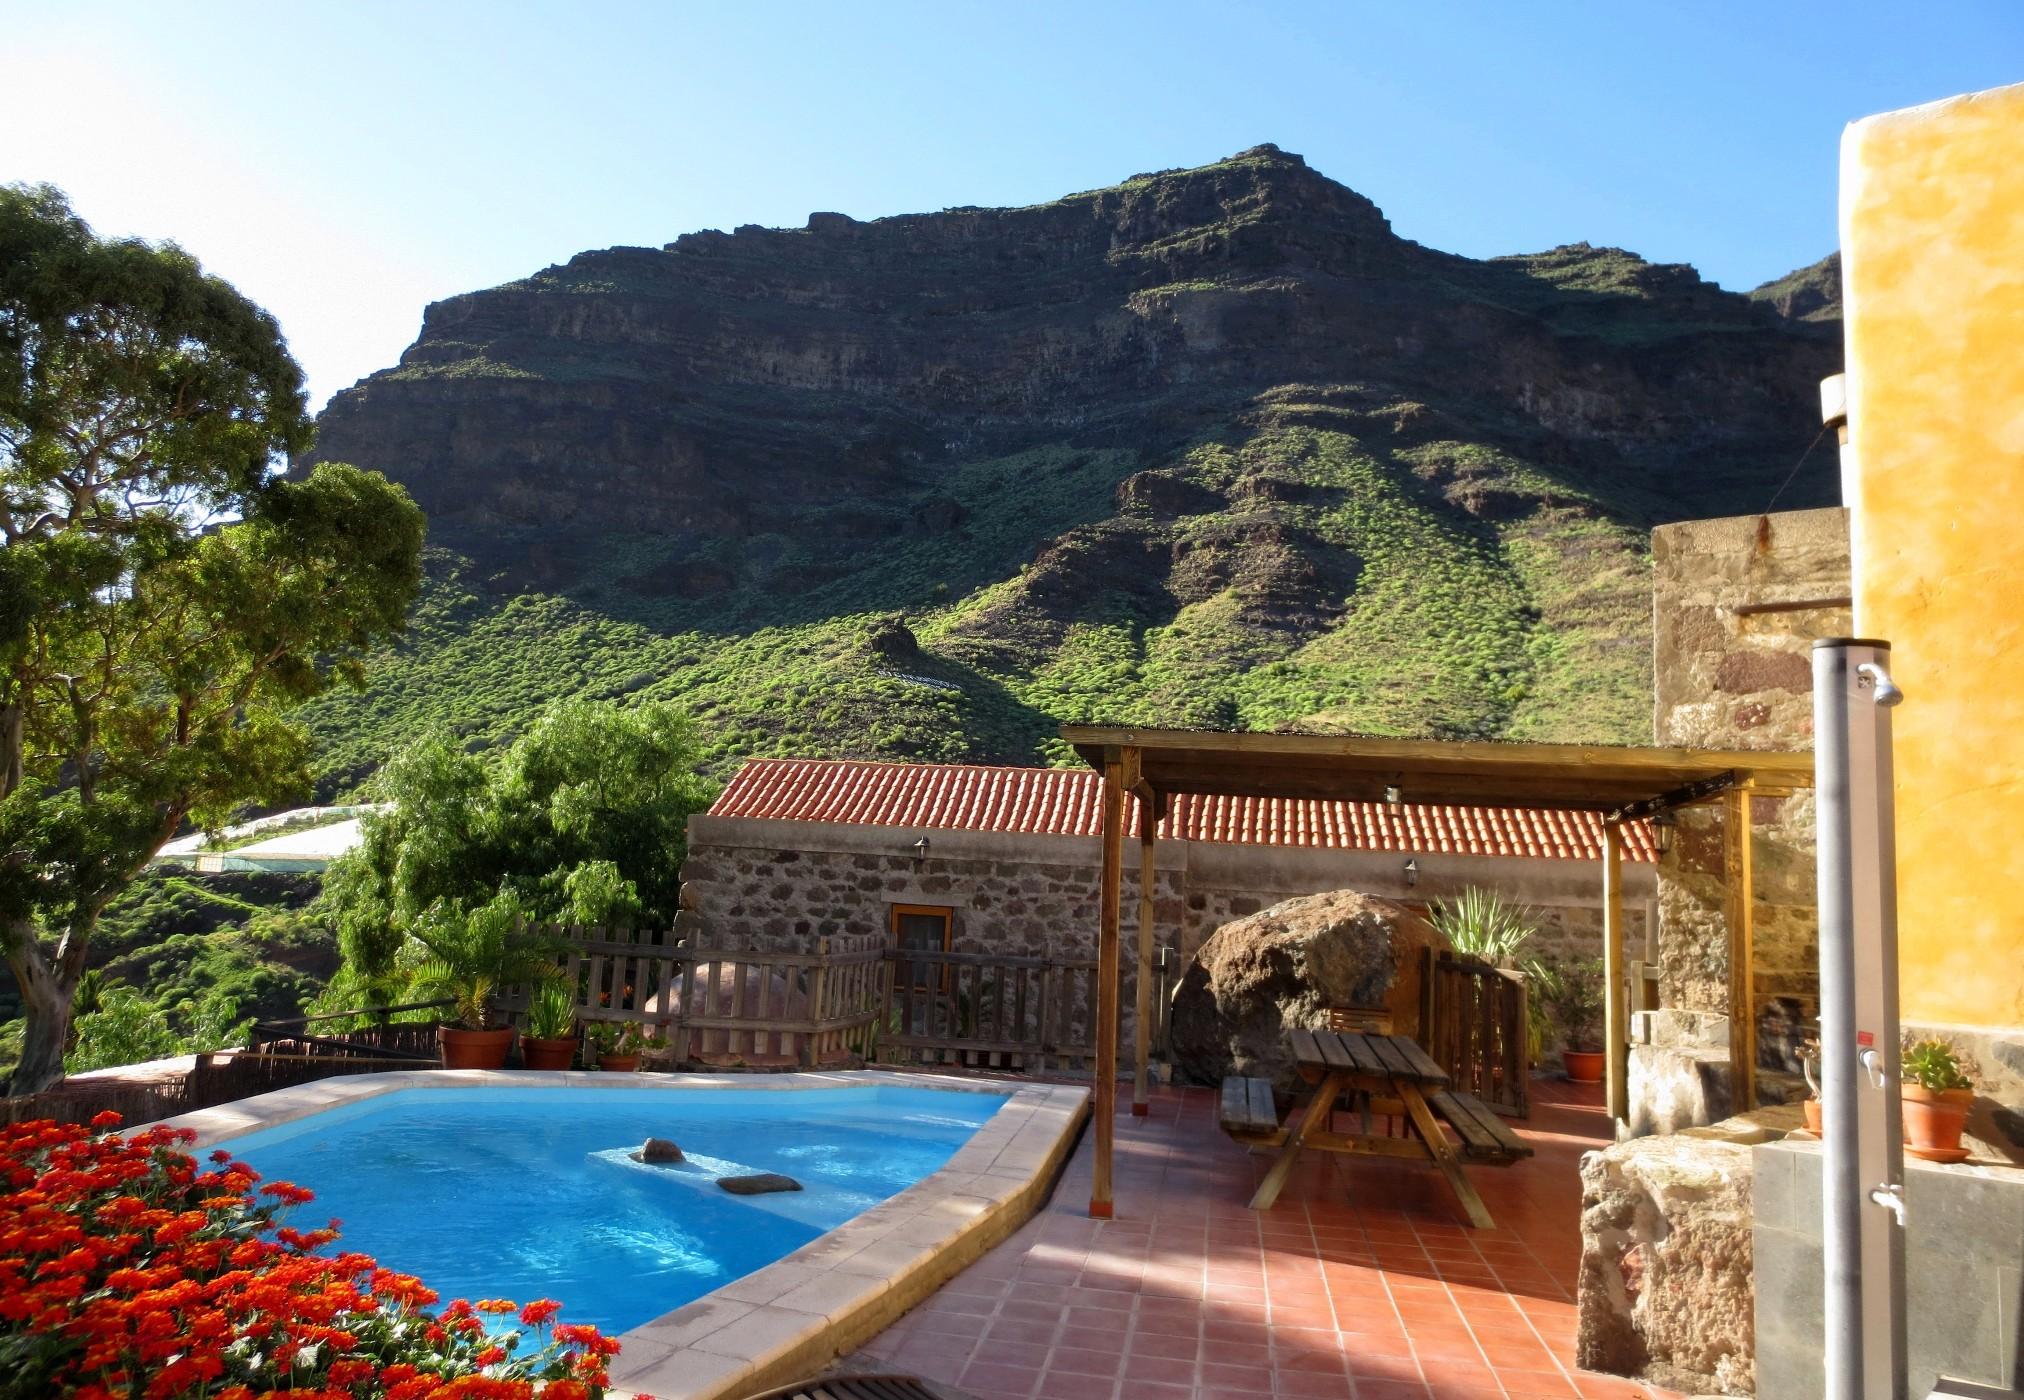 Villa de alquiler con piscina privada en gran canaria - Villas en gran canaria con piscina ...